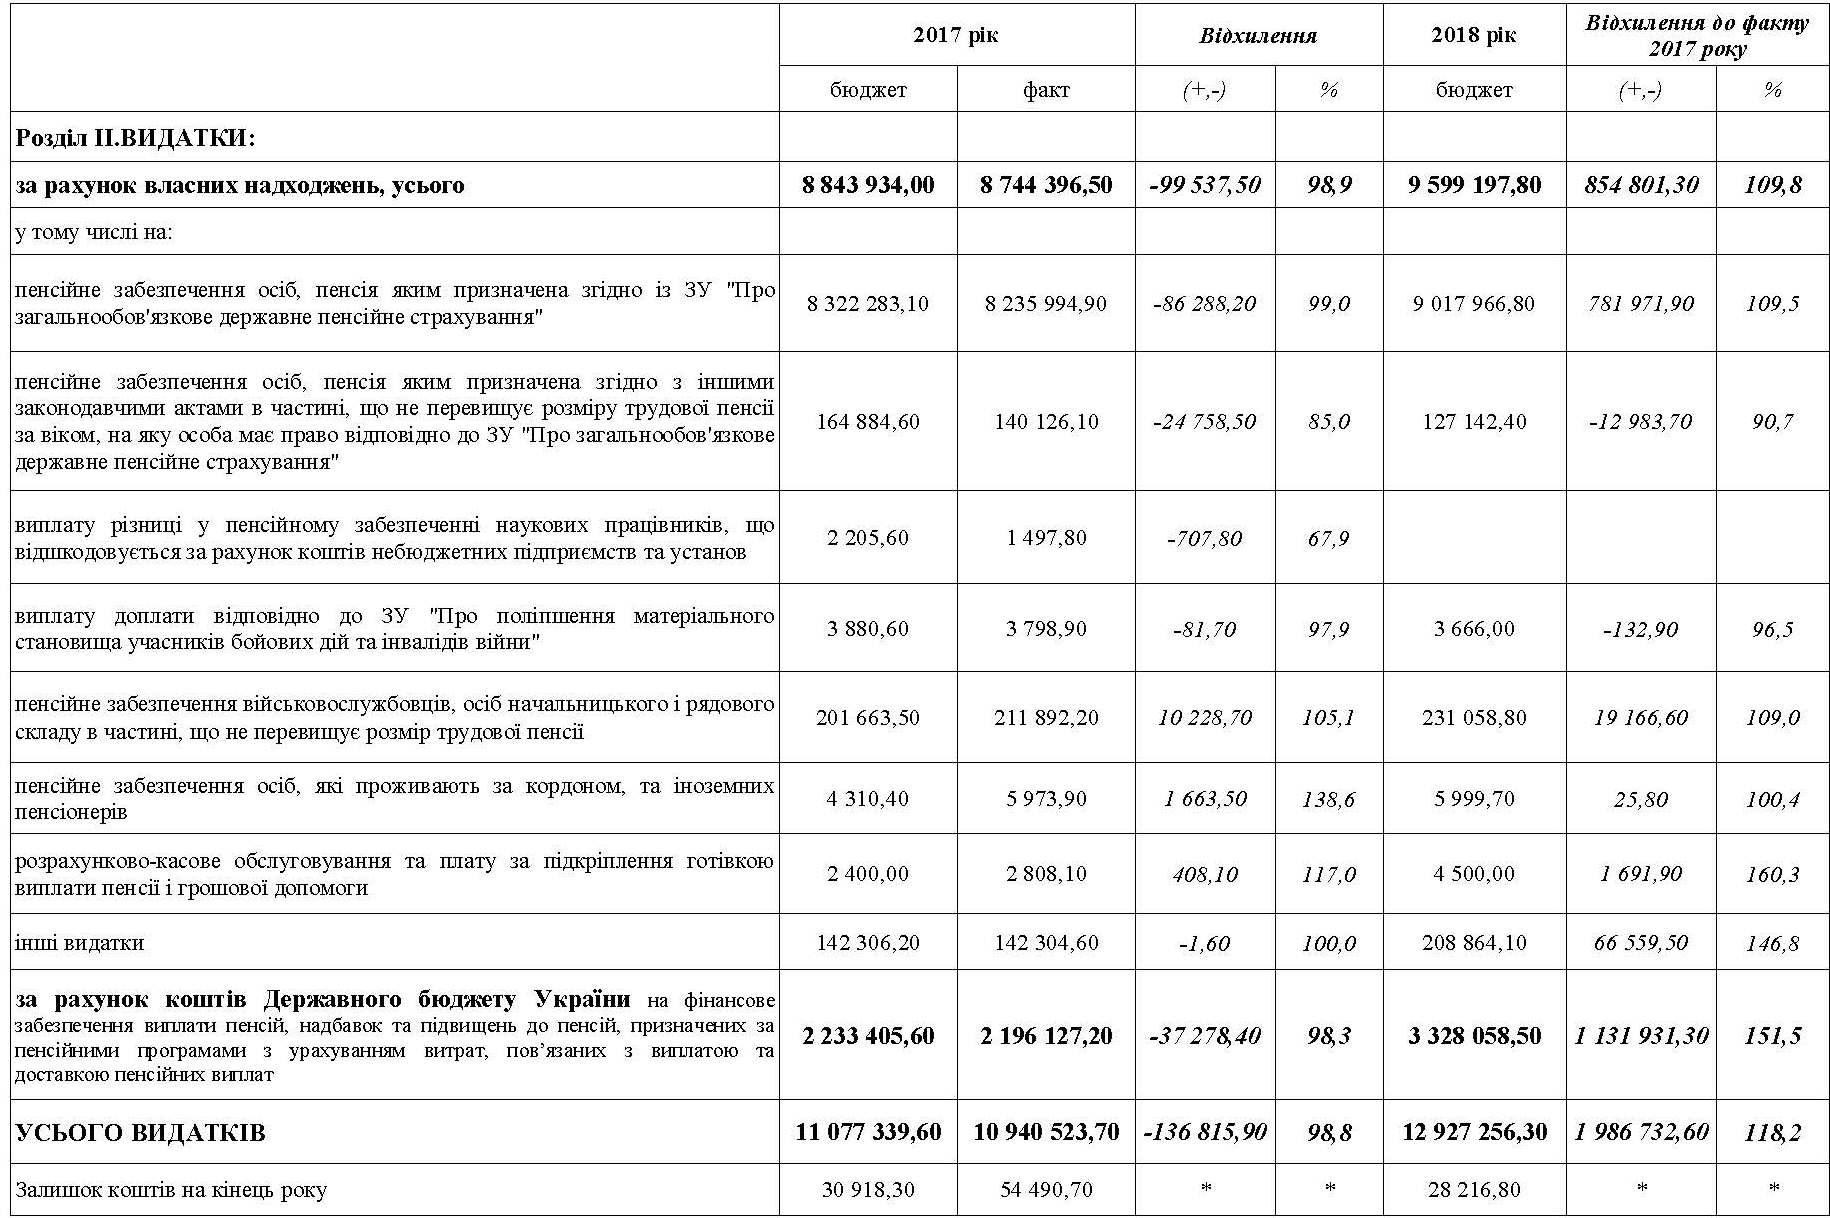 4444 - Основні показники бюджету Головного управління на 2018 рік